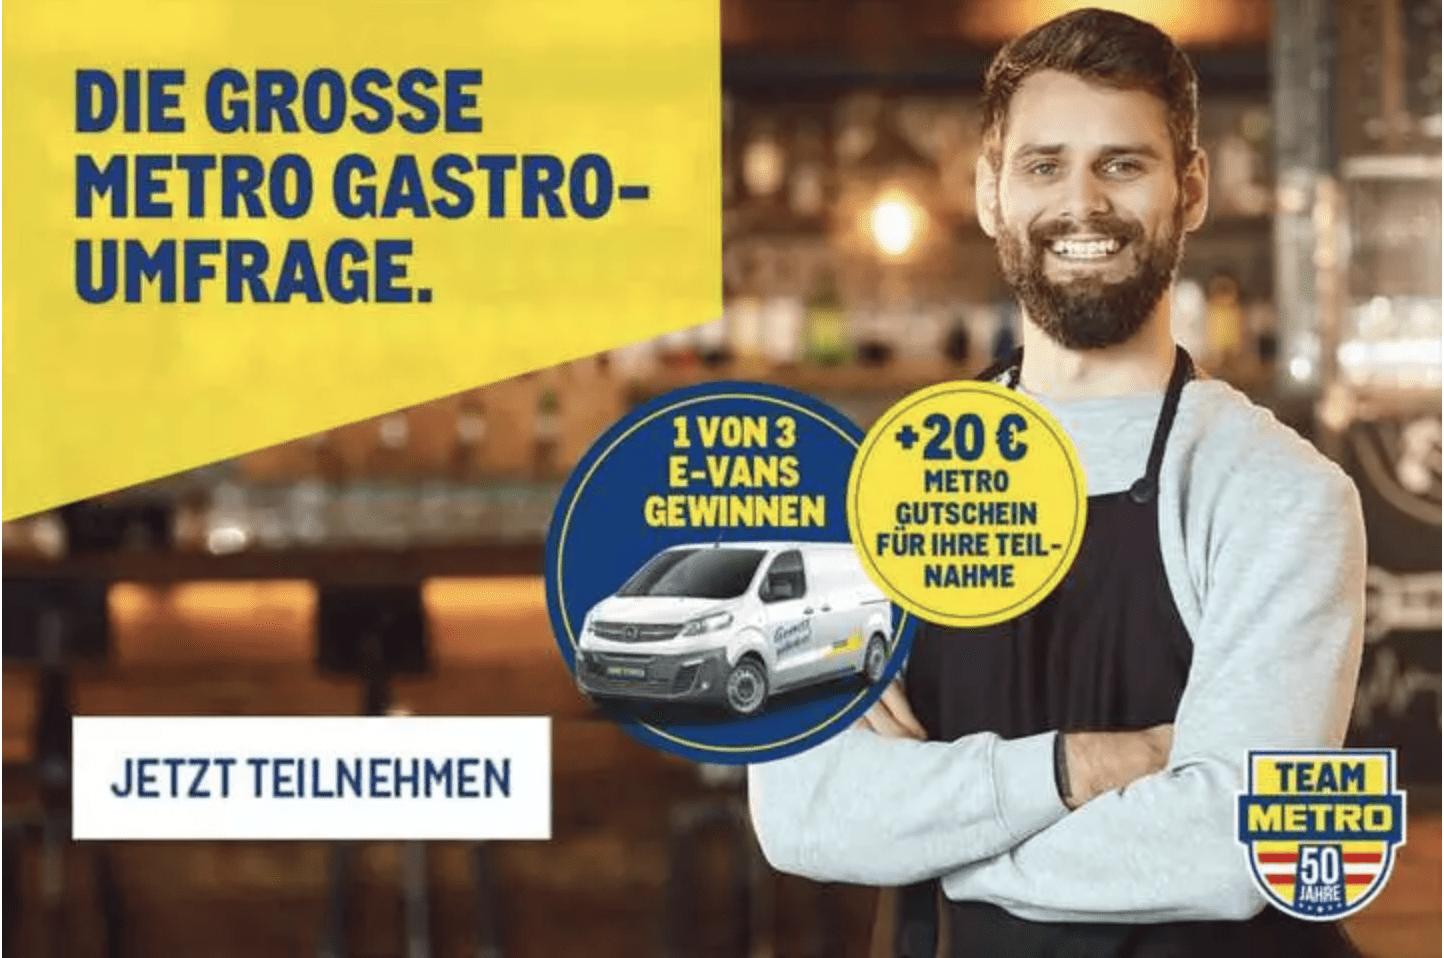 Opel-E-Van gewinnen - Metro befragt Gastronomen